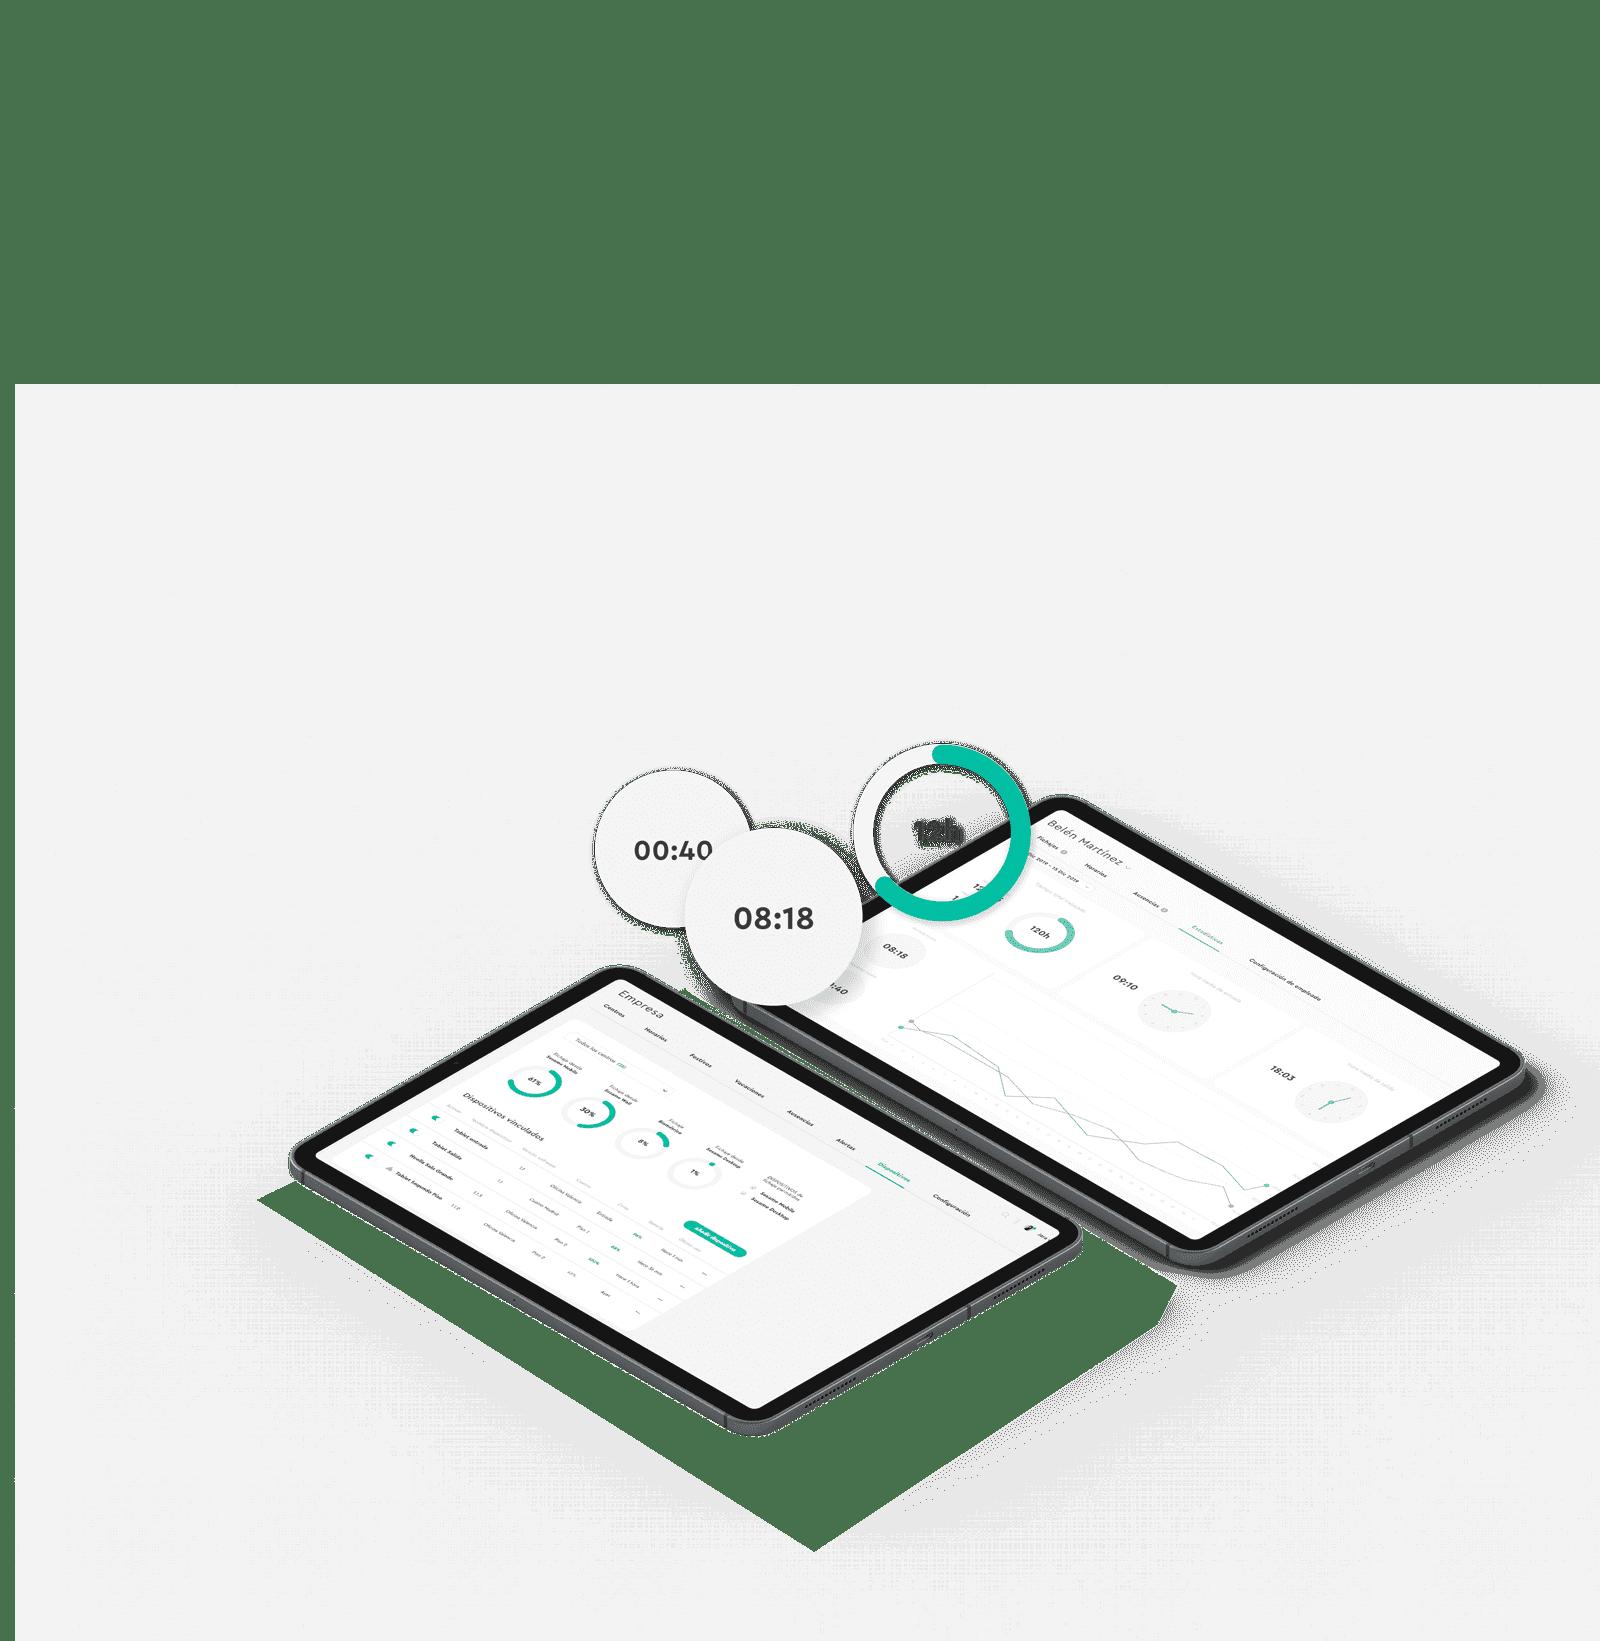 Reportes de la aplicación de Sesame